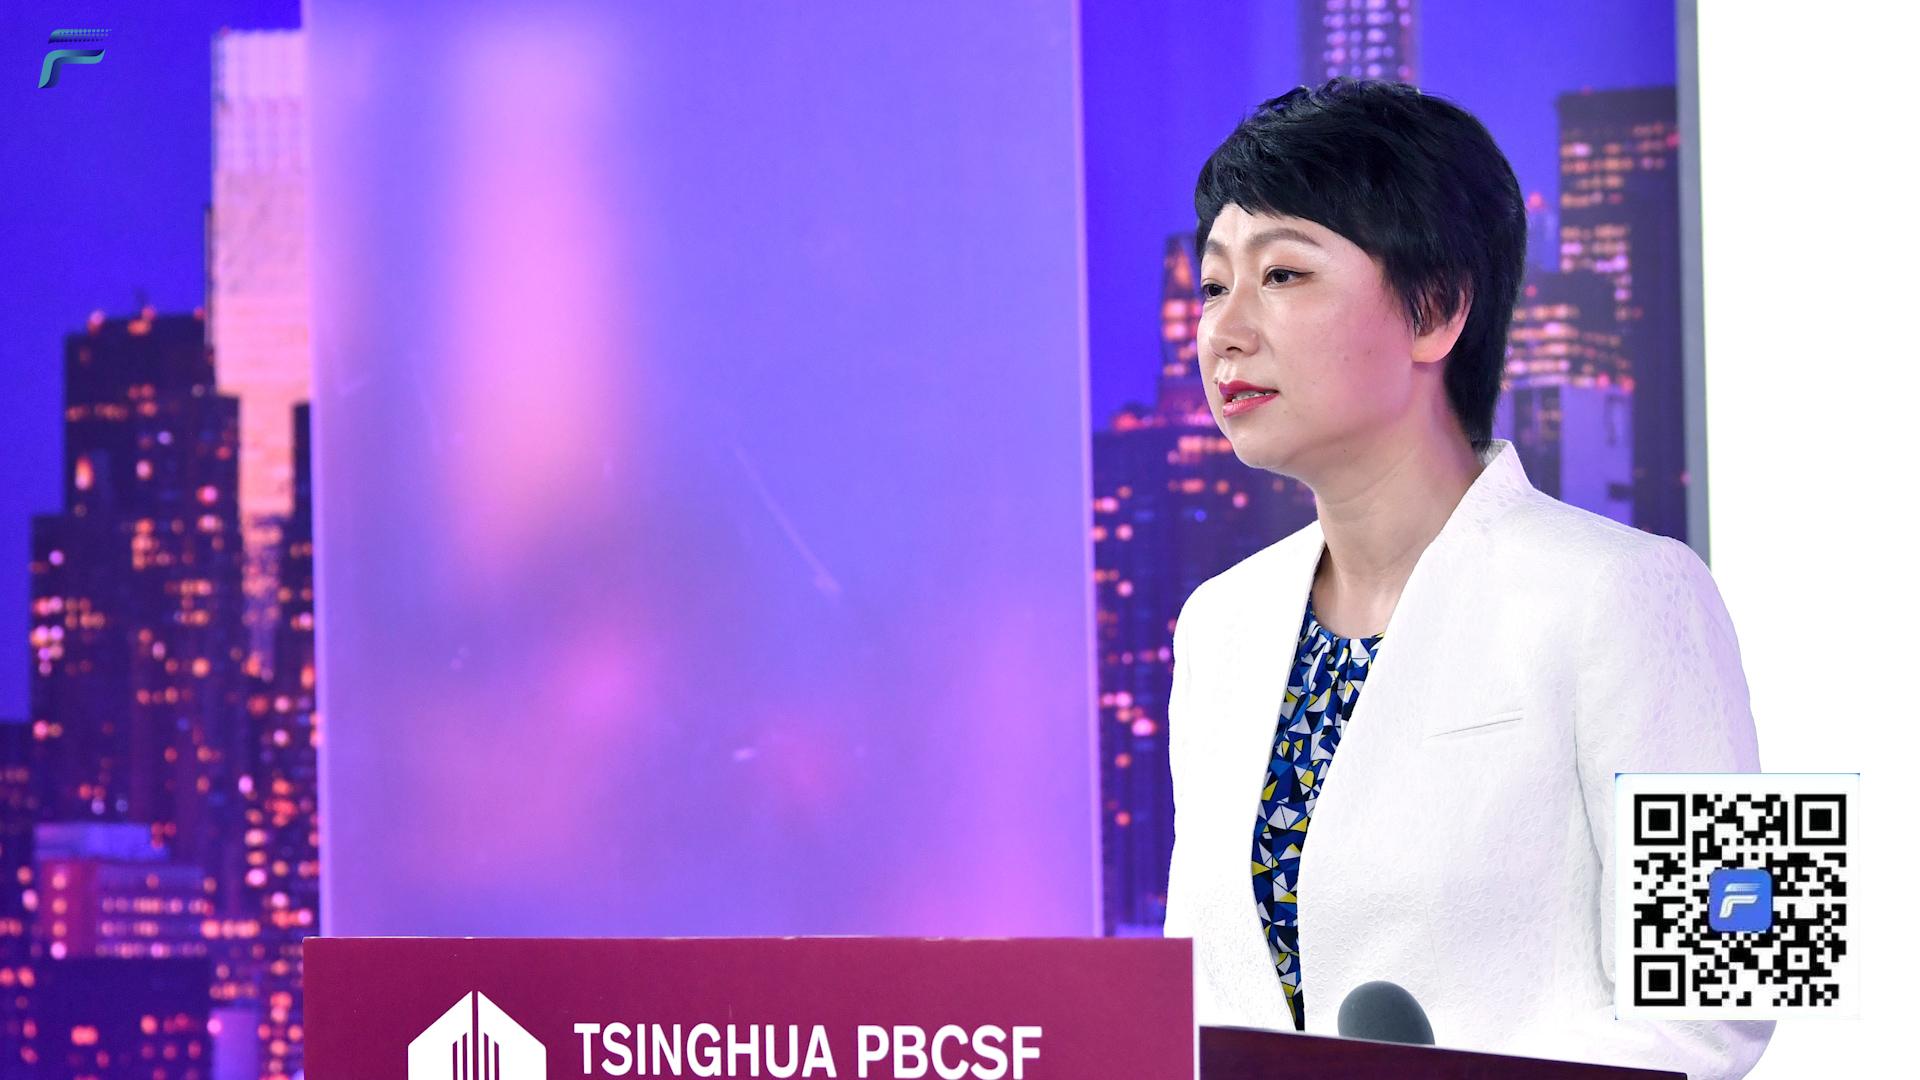 【中国财富报道】张晓燕:债券是非常有效的避险选择